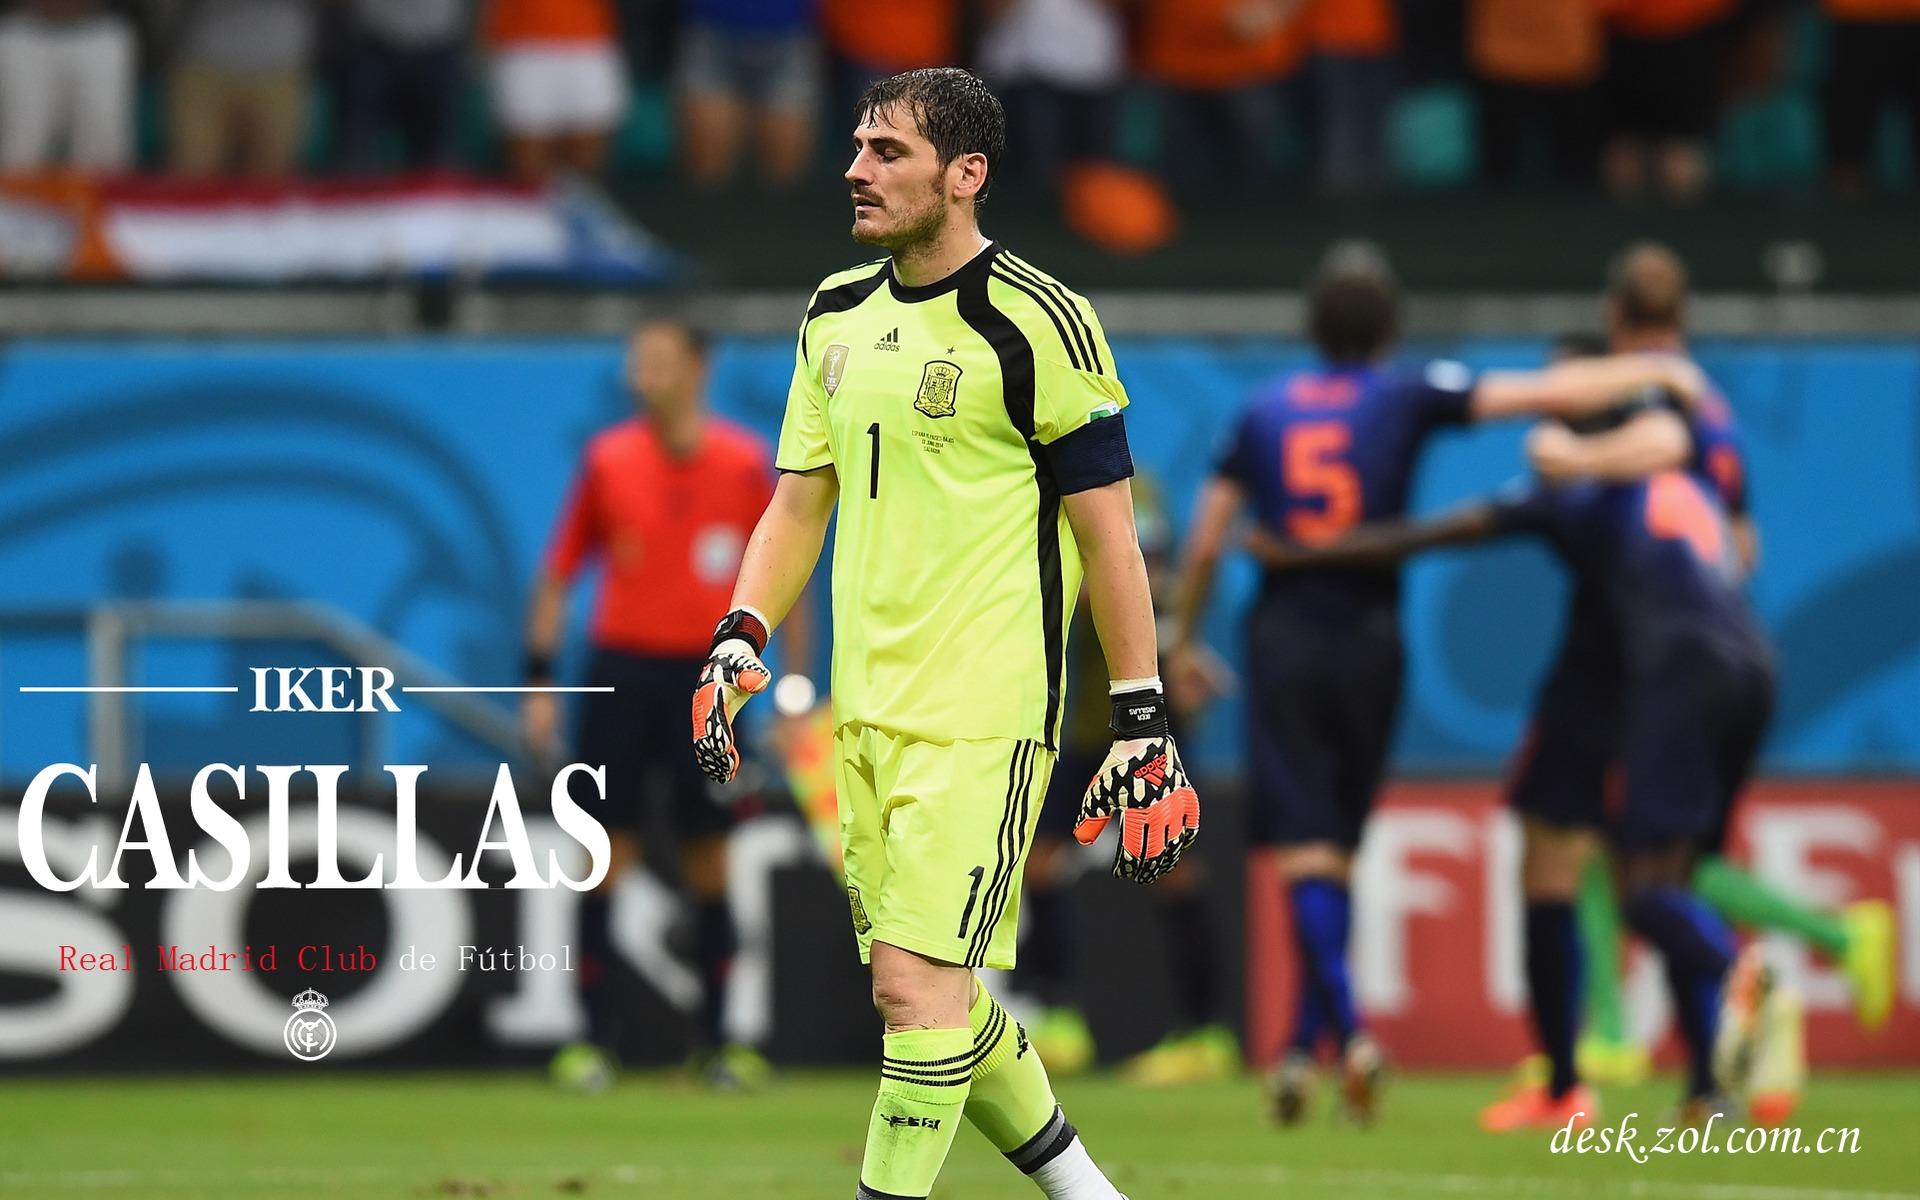 Iker Casillas HD Wallpaper 08 Real Madrid Star Original Resolution 1920x1200